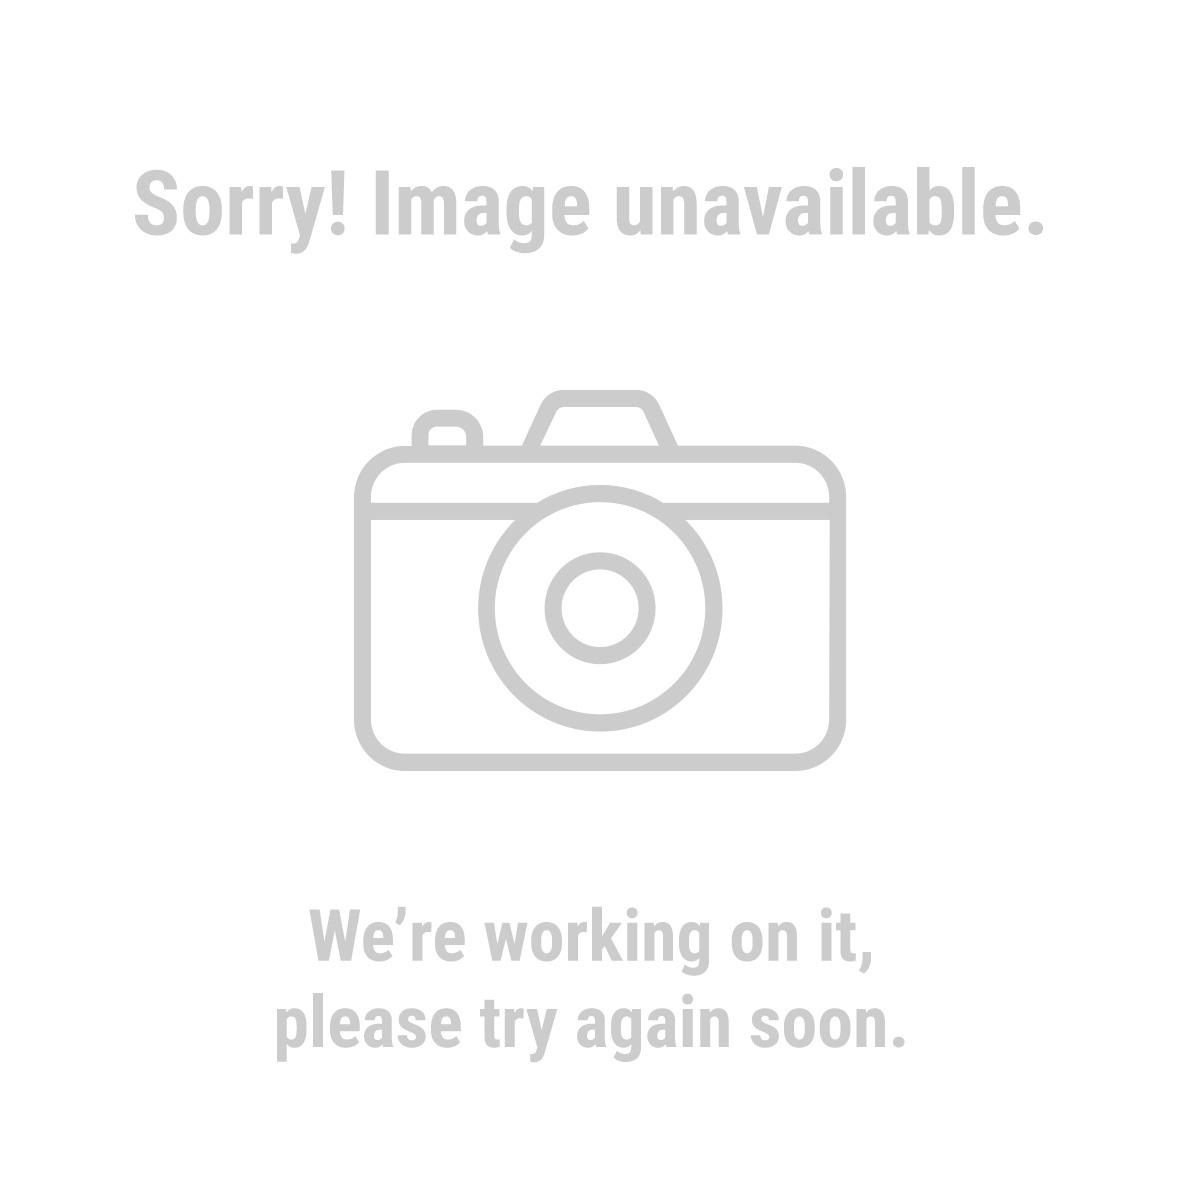 Harbor Freight Car Canopy : Ft portable car canopy